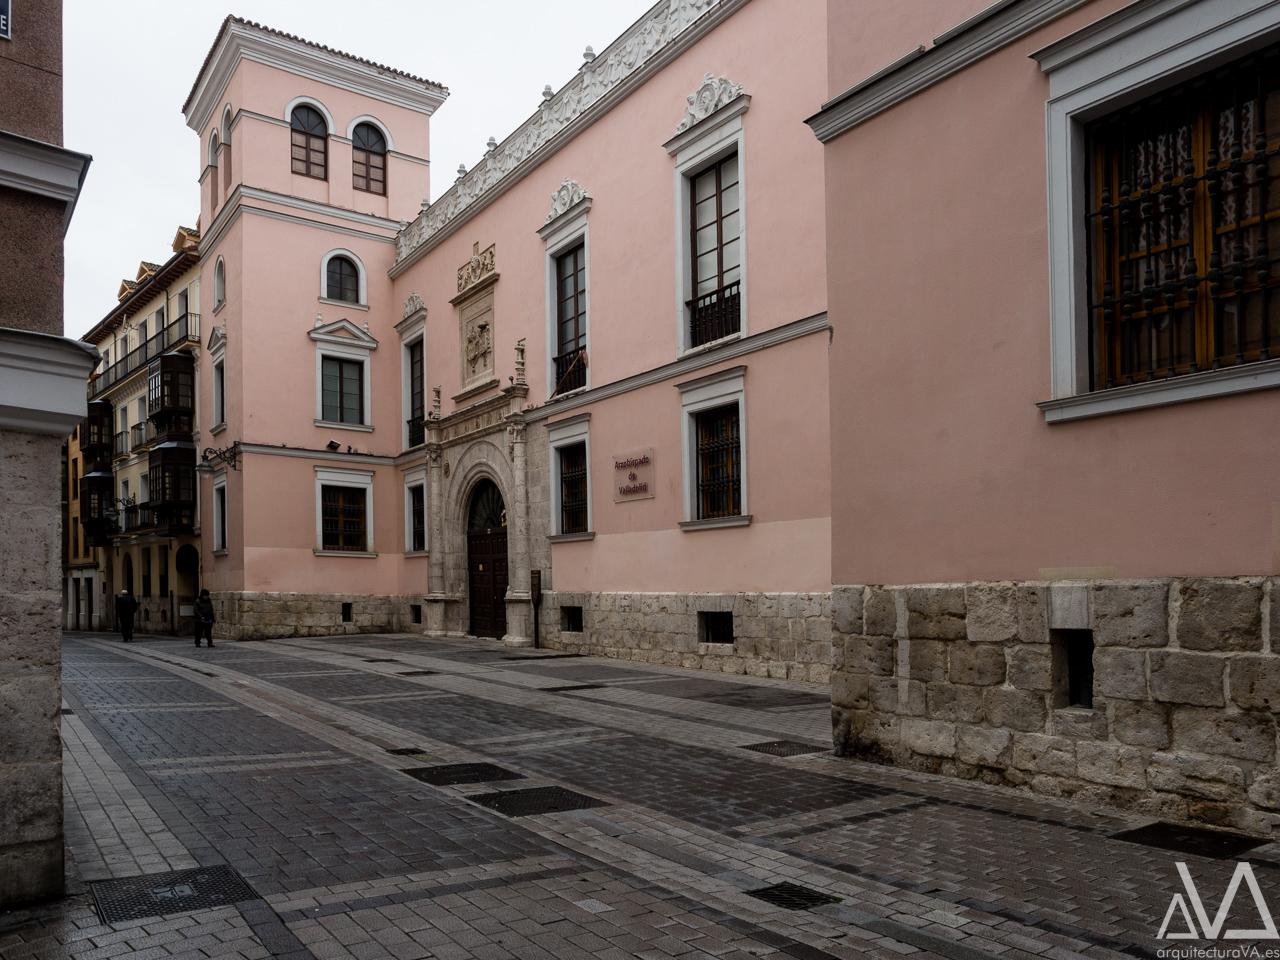 Palacio Arzobispal precedido de un parvis © pedro ivan ramos martin | luz10.com